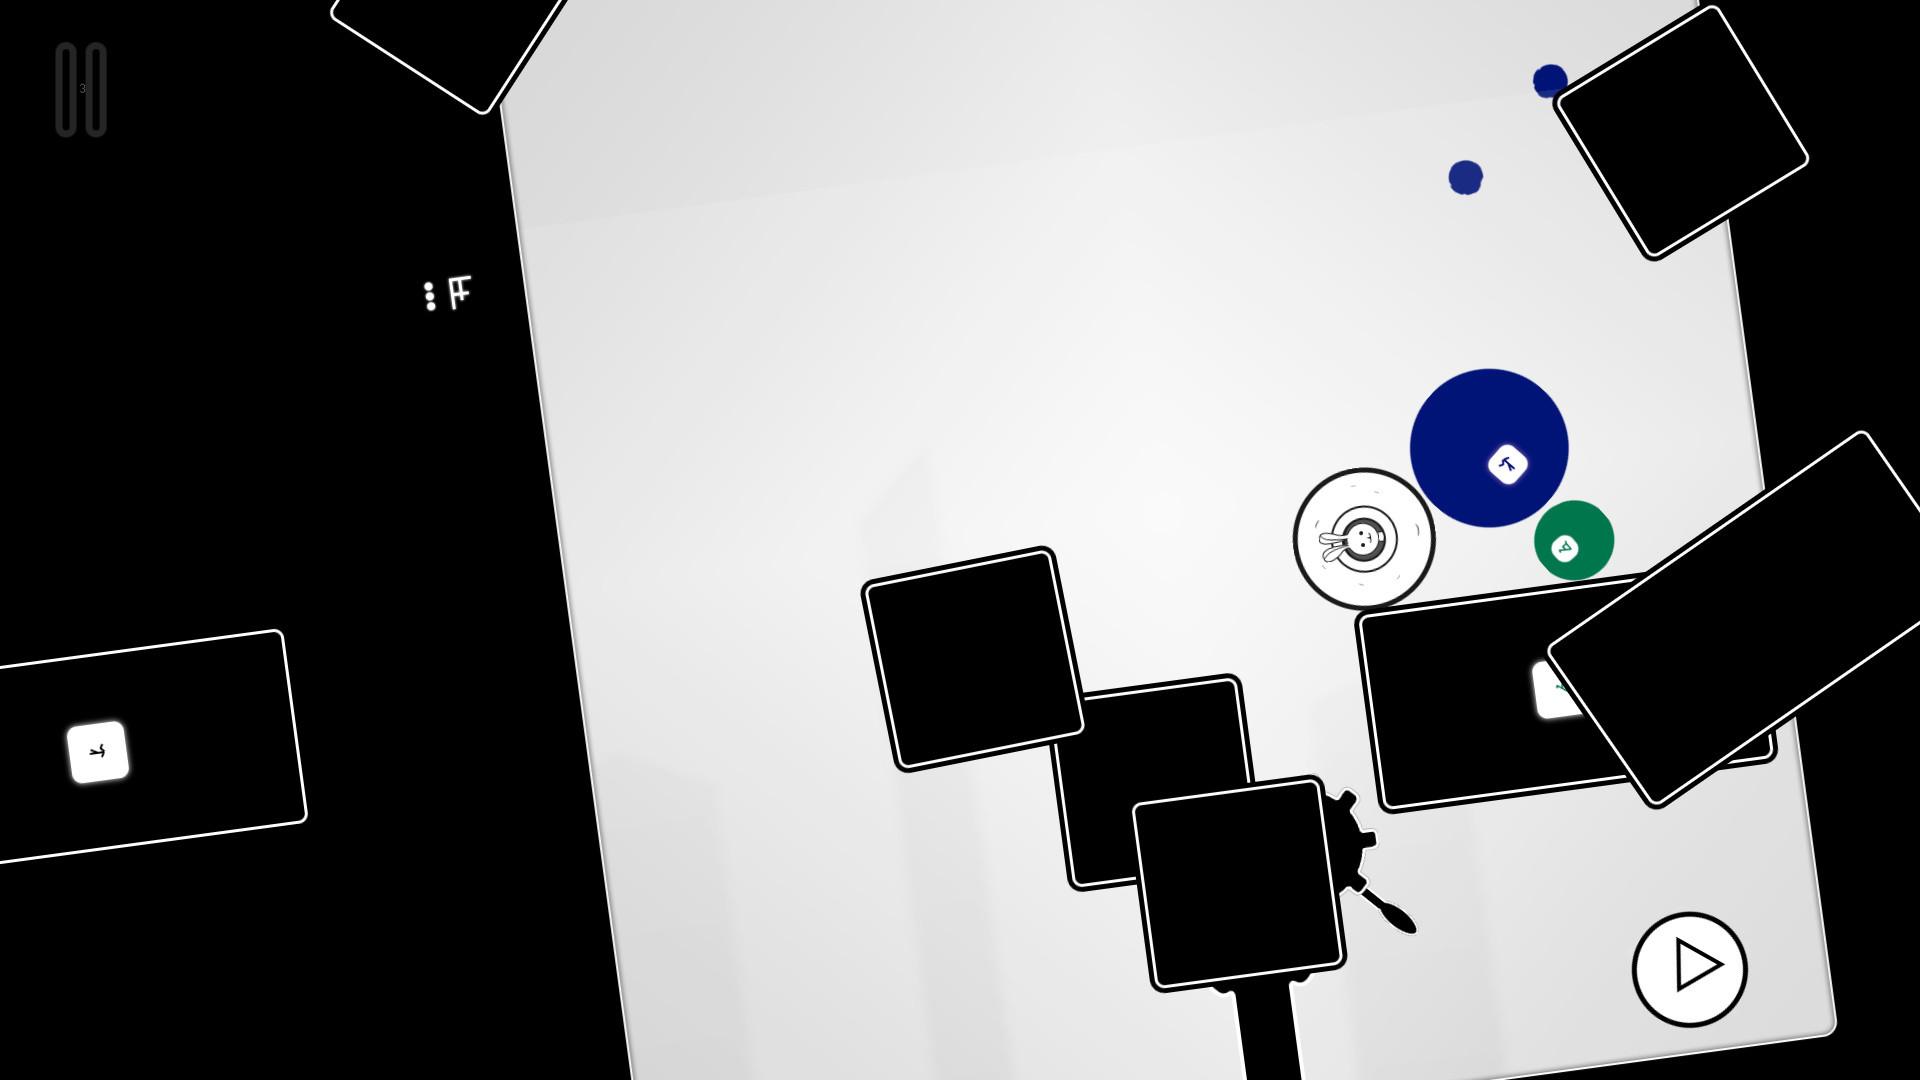 Spinning_Kid_2 screenshot